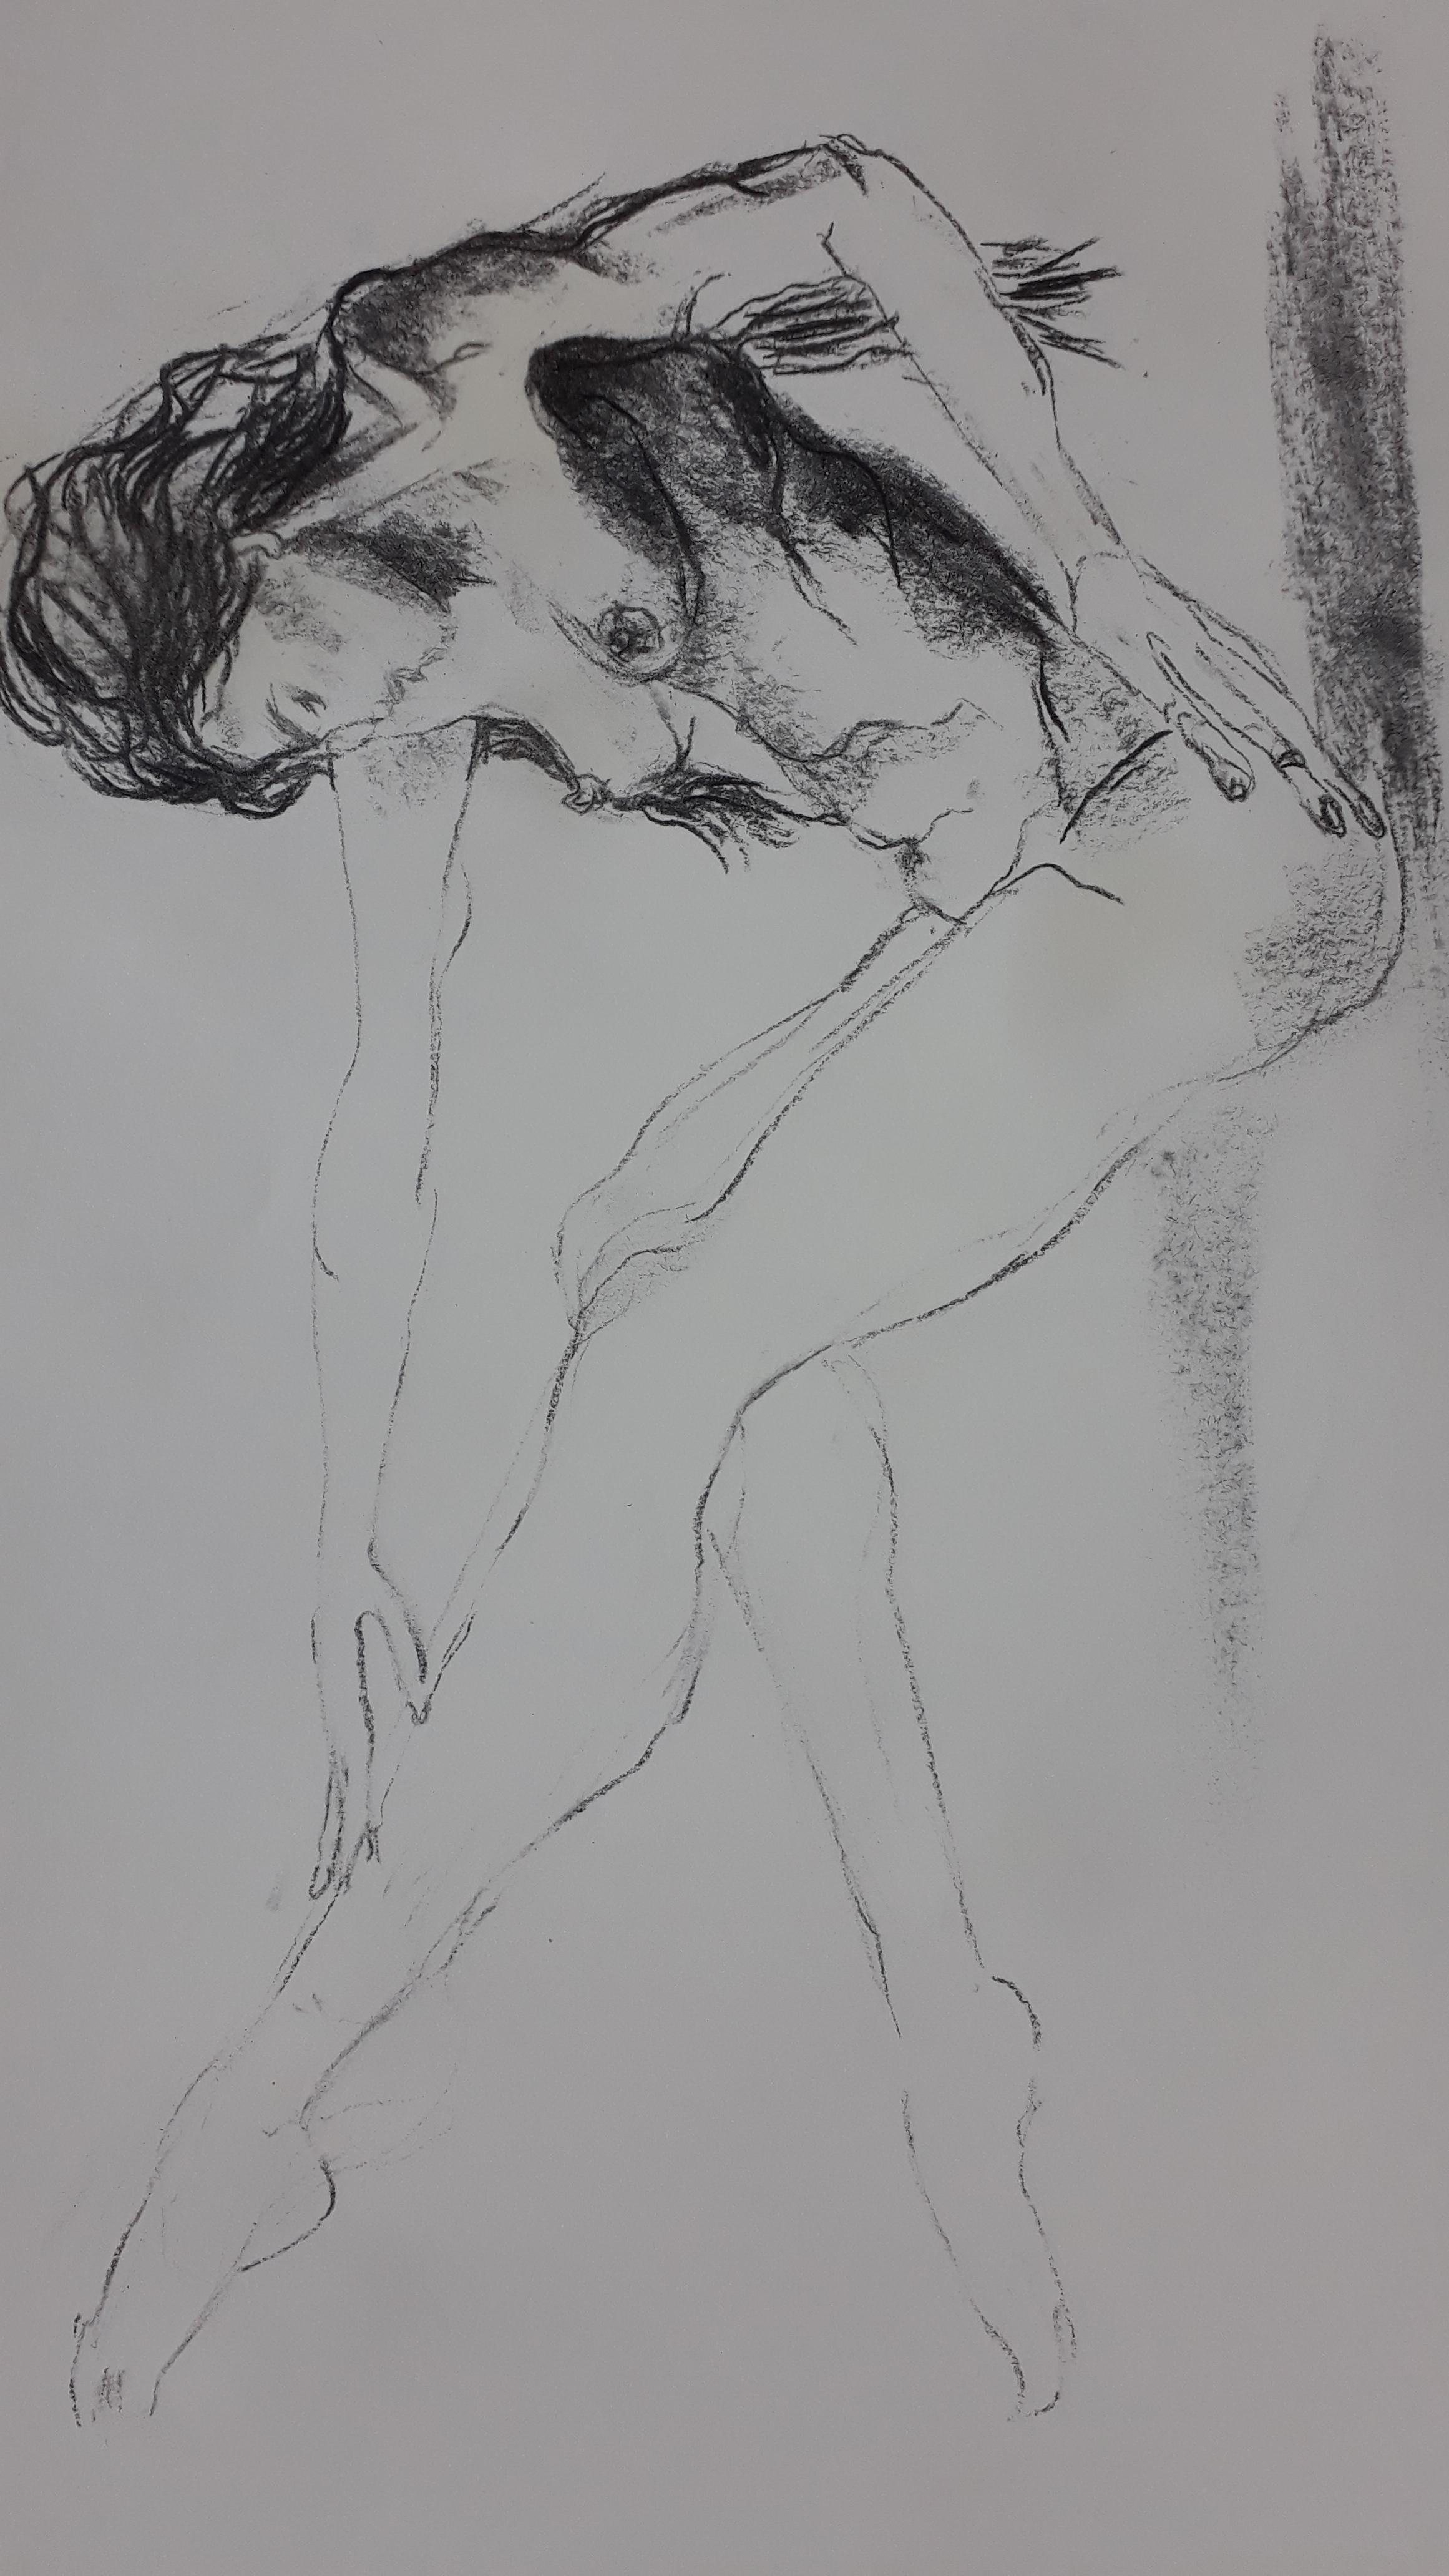 dessin rapide fusain sur papier corps femme  cours de dessin